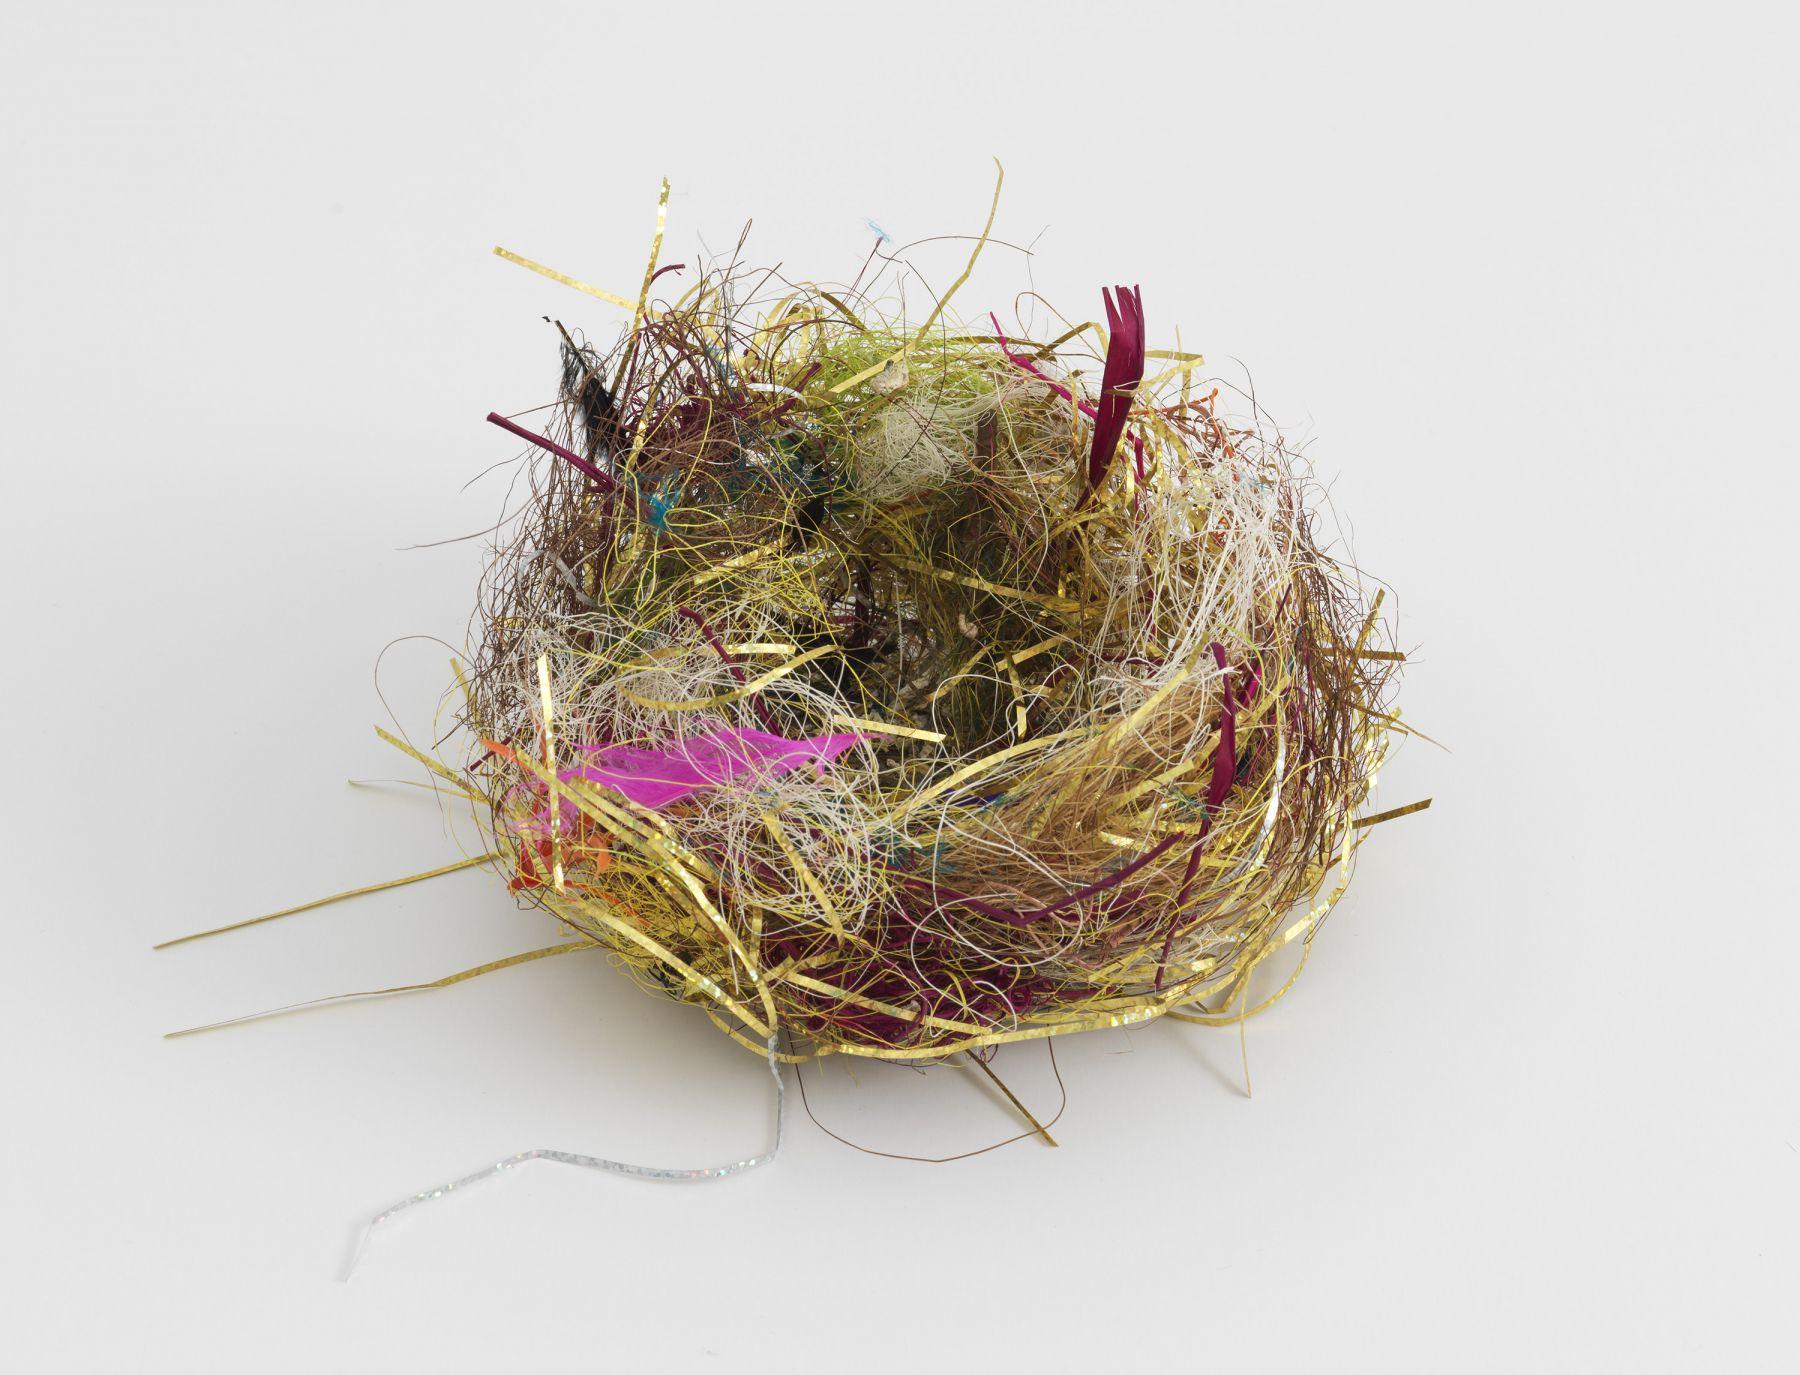 a nest sculpture by the artist Bjorn Braun